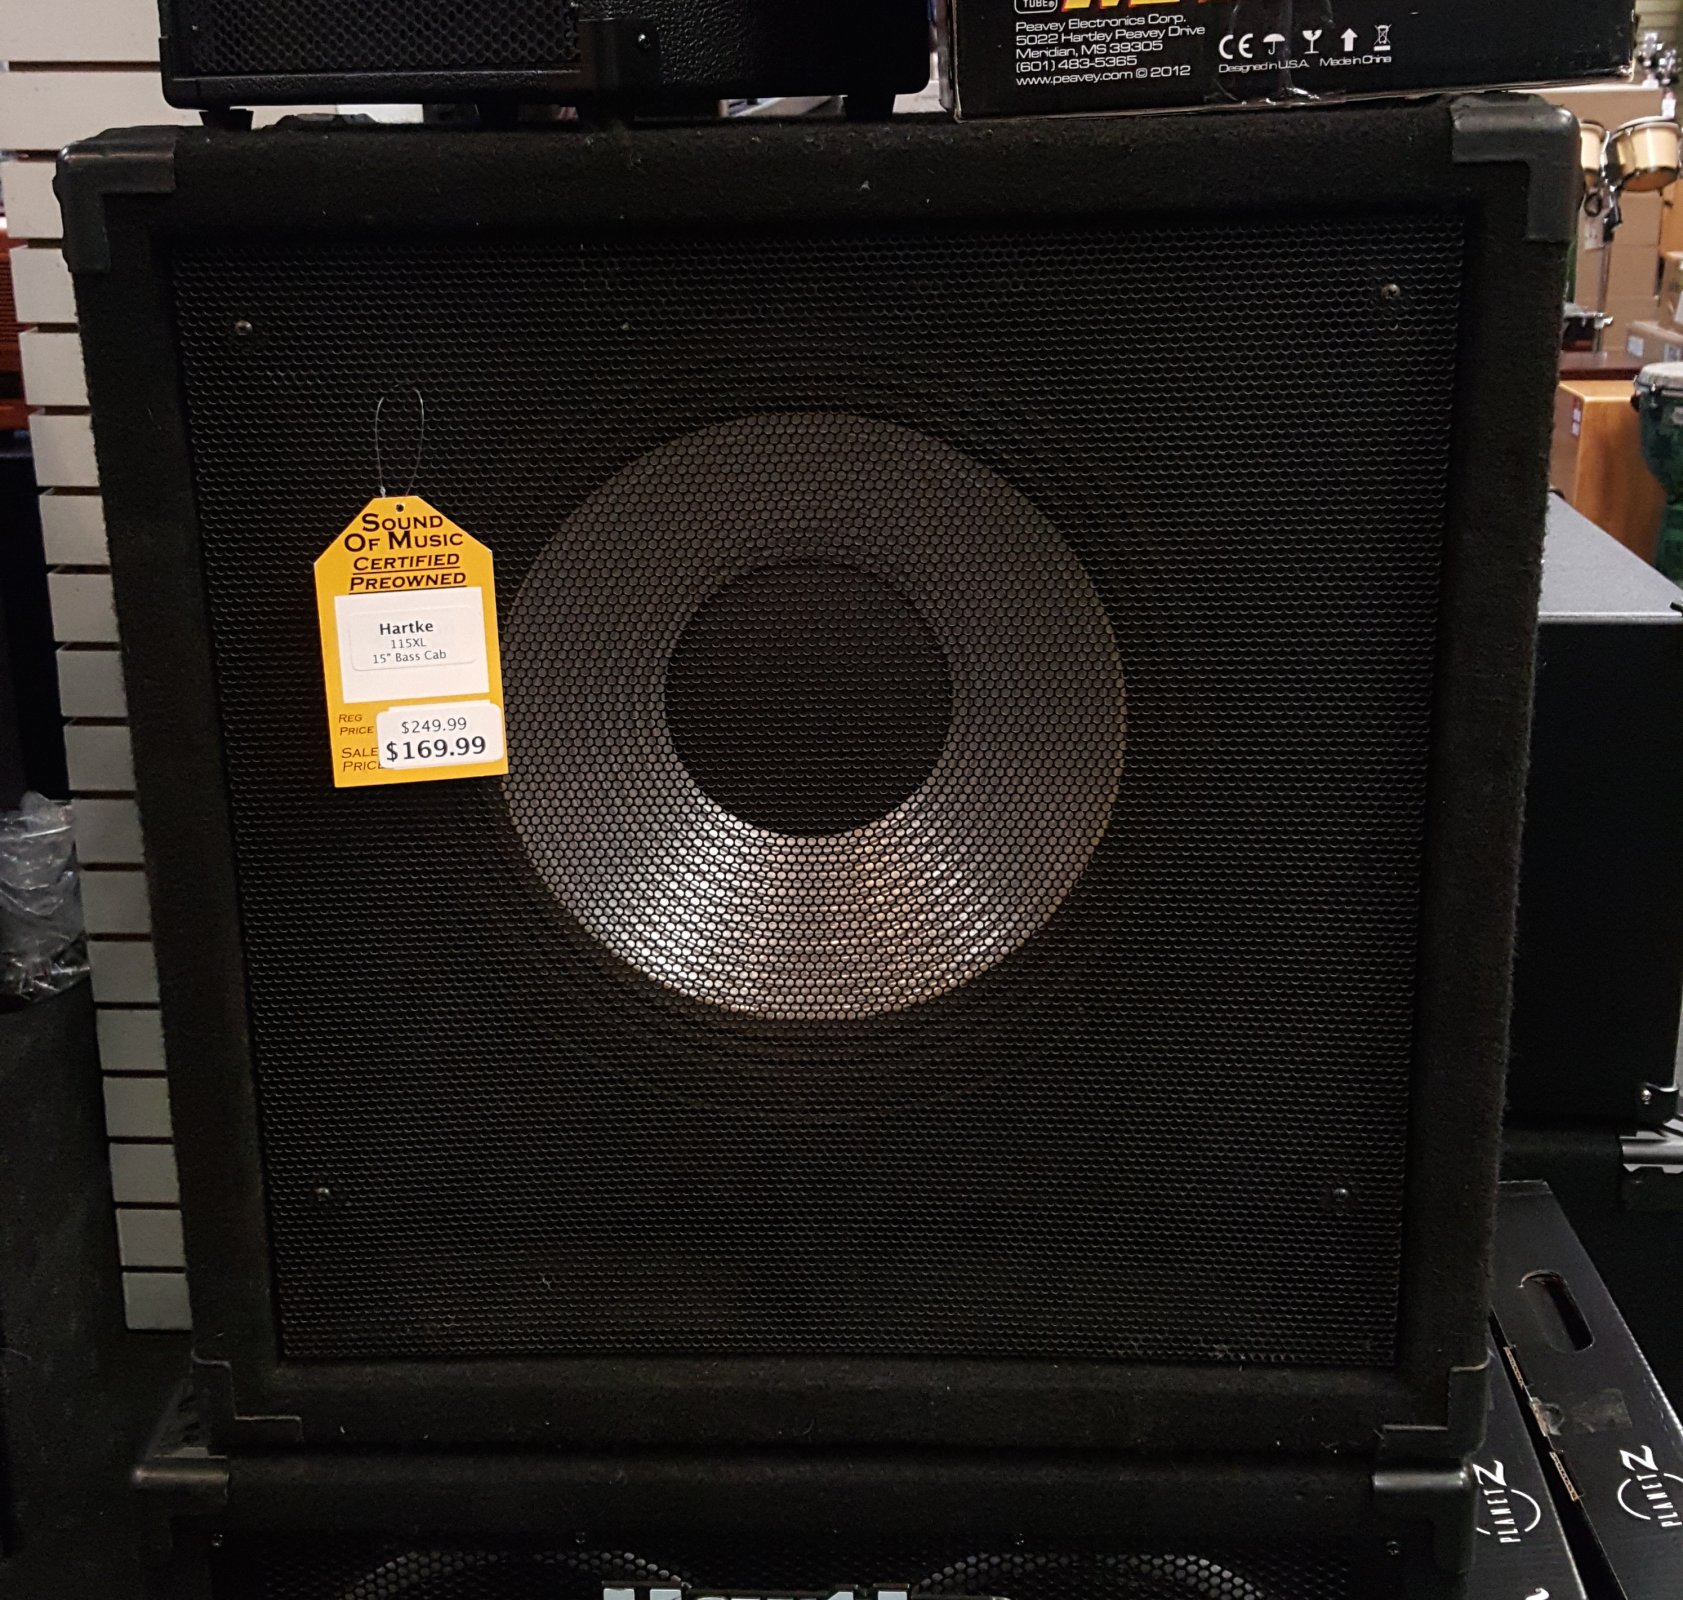 Used Hartke 115 XL 15 Bass Cabinet